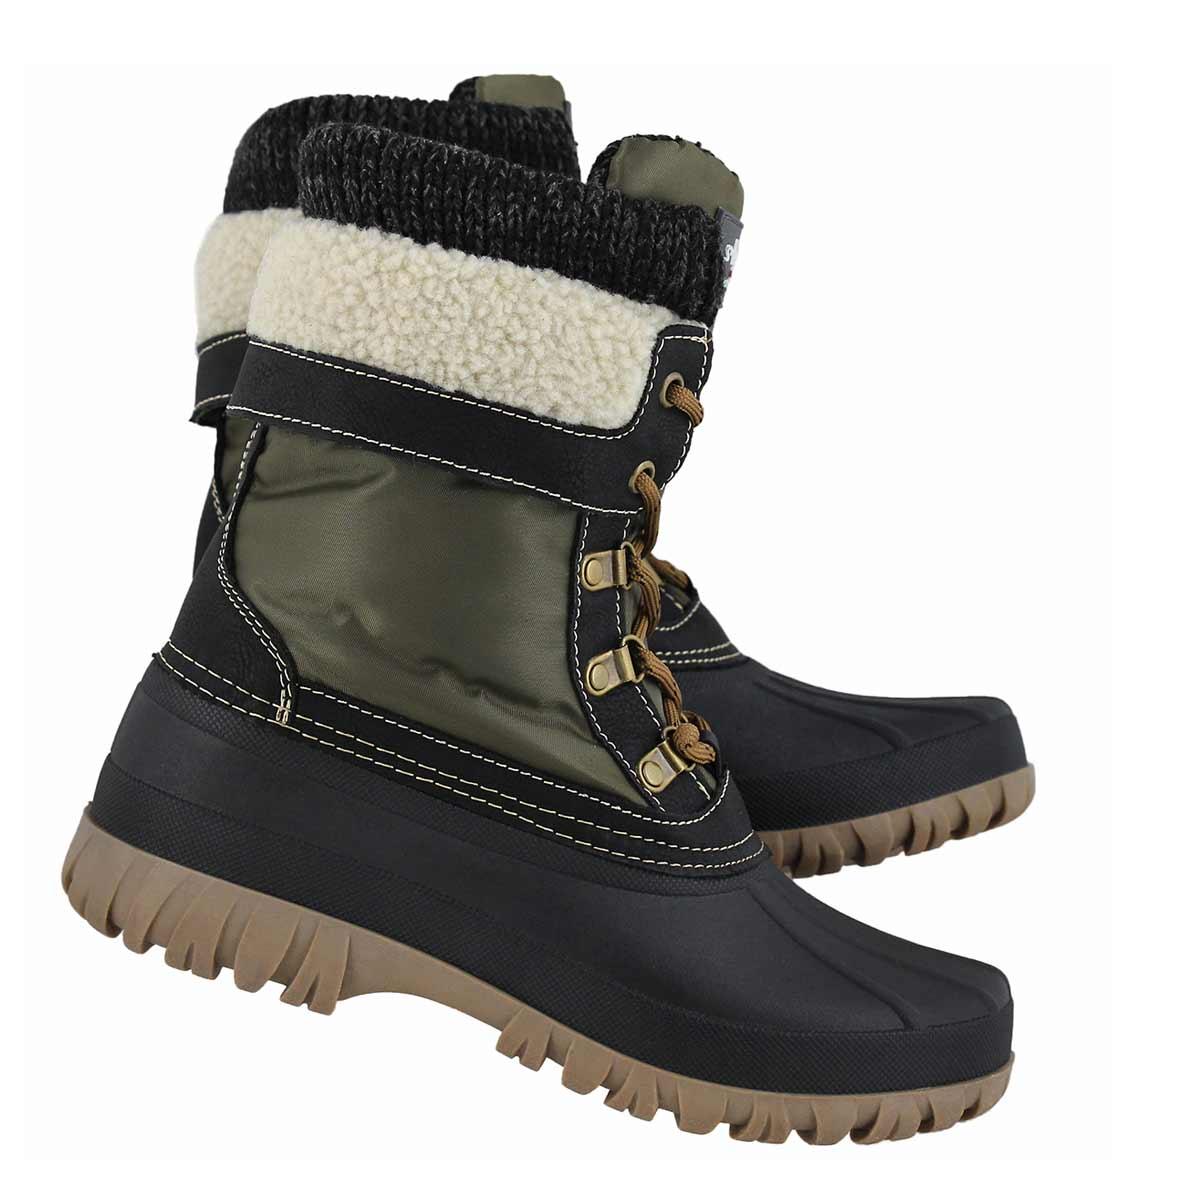 Lds Creek lace up khaki wtpf winter boot